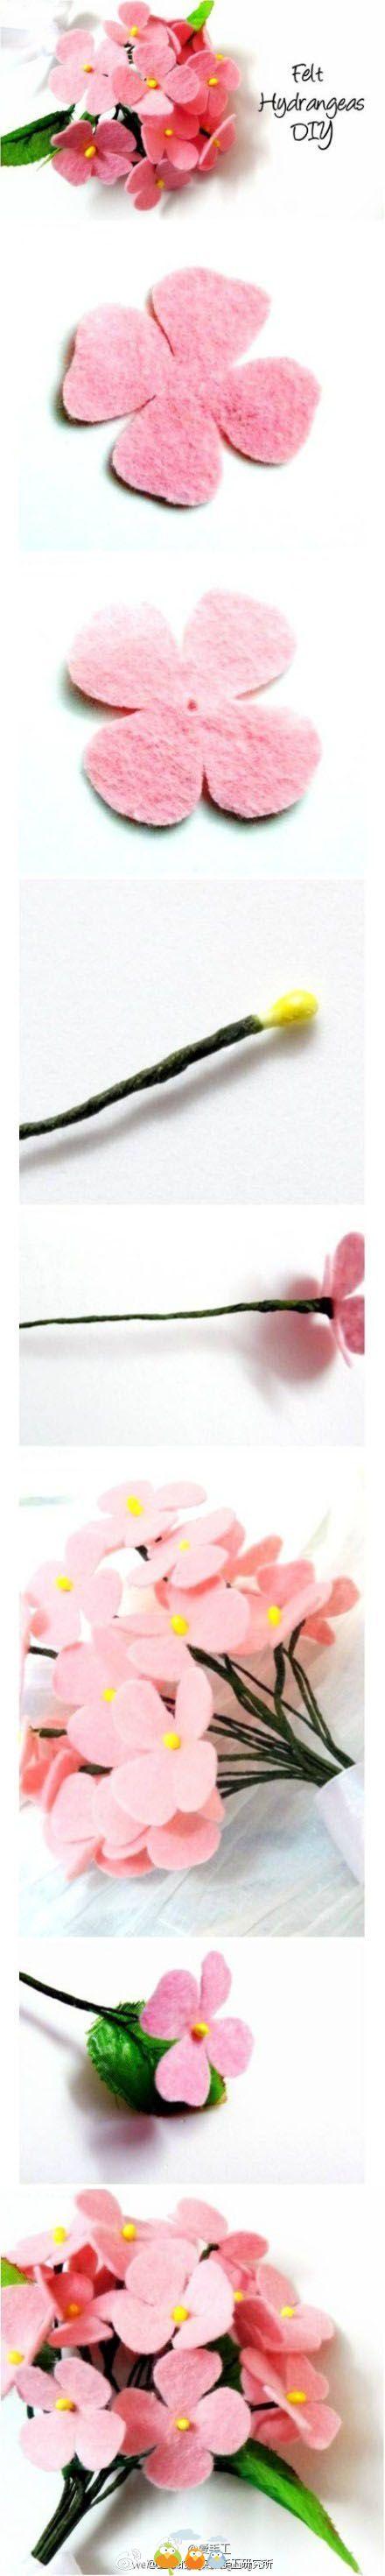 diy flores feltro